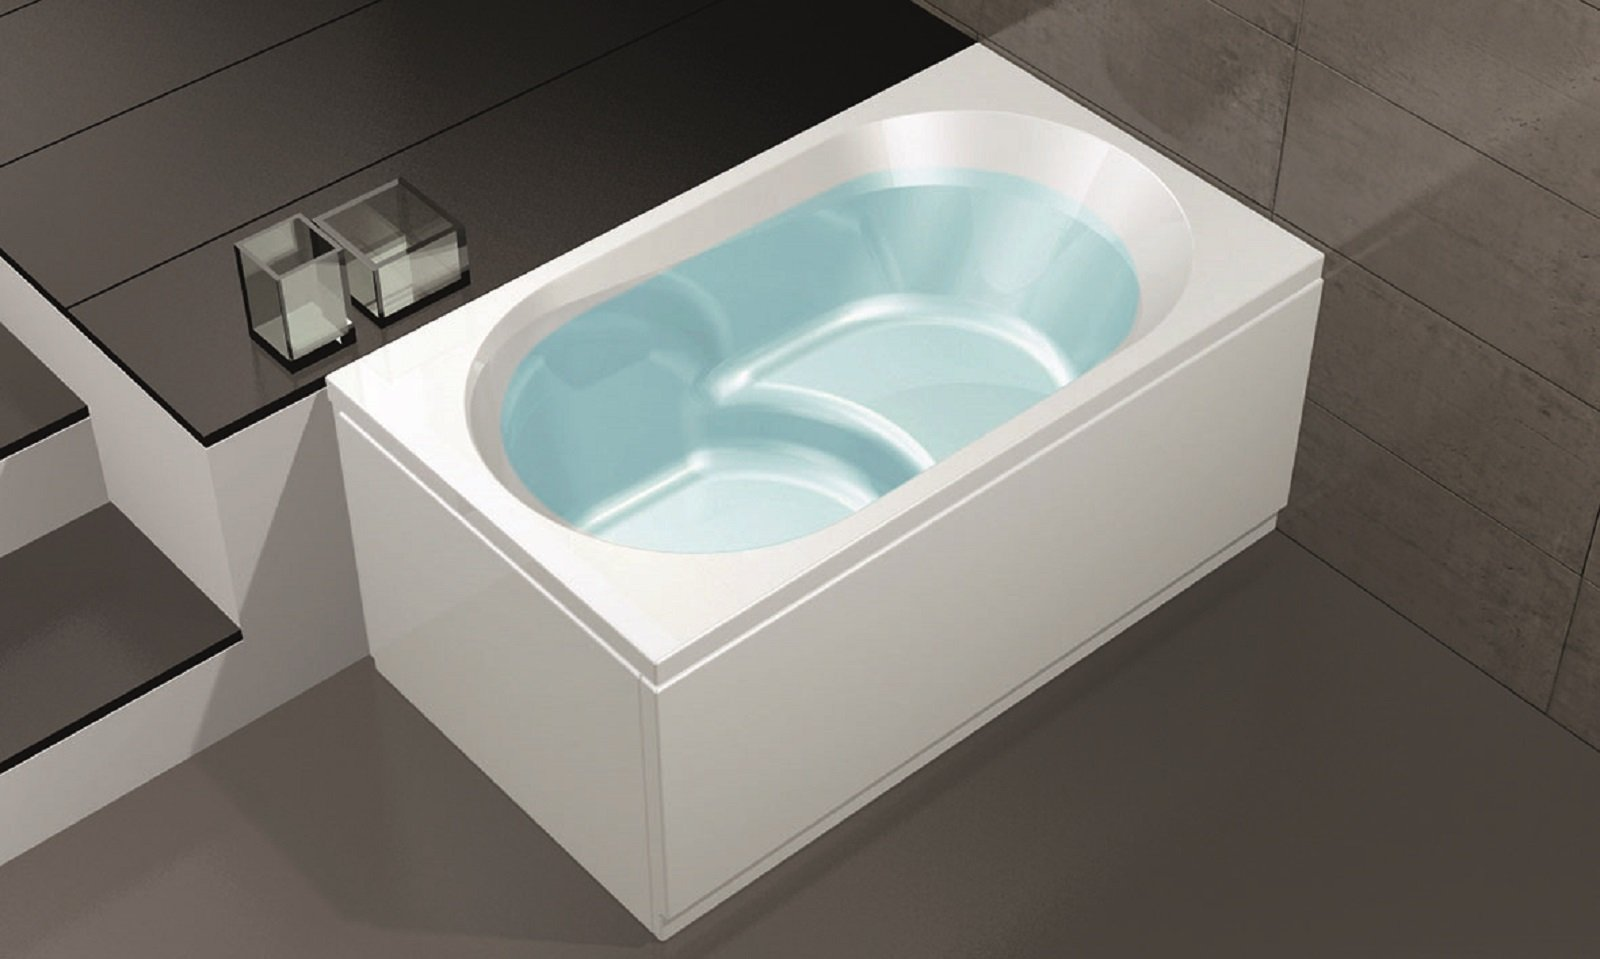 Vasche piccole dalle dimensioni compatte e svariate misure - Vernici per vasche da bagno ...